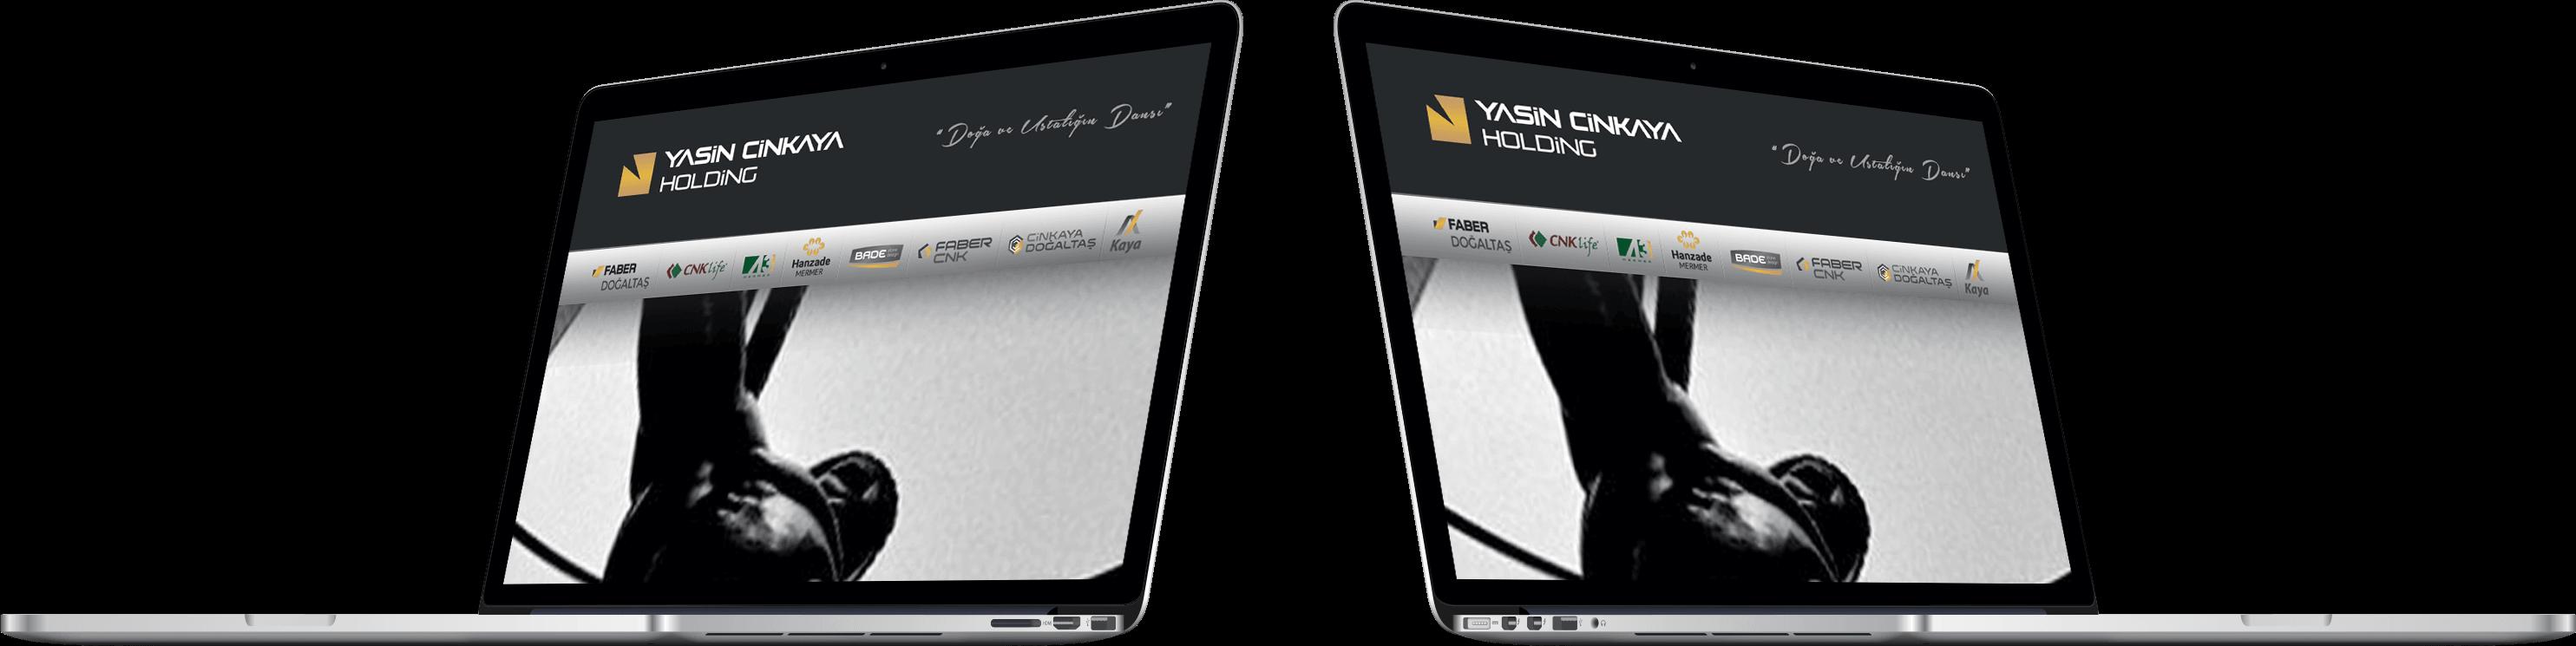 YASİN CİNKAYA HOLDİNG | Web Tasarım